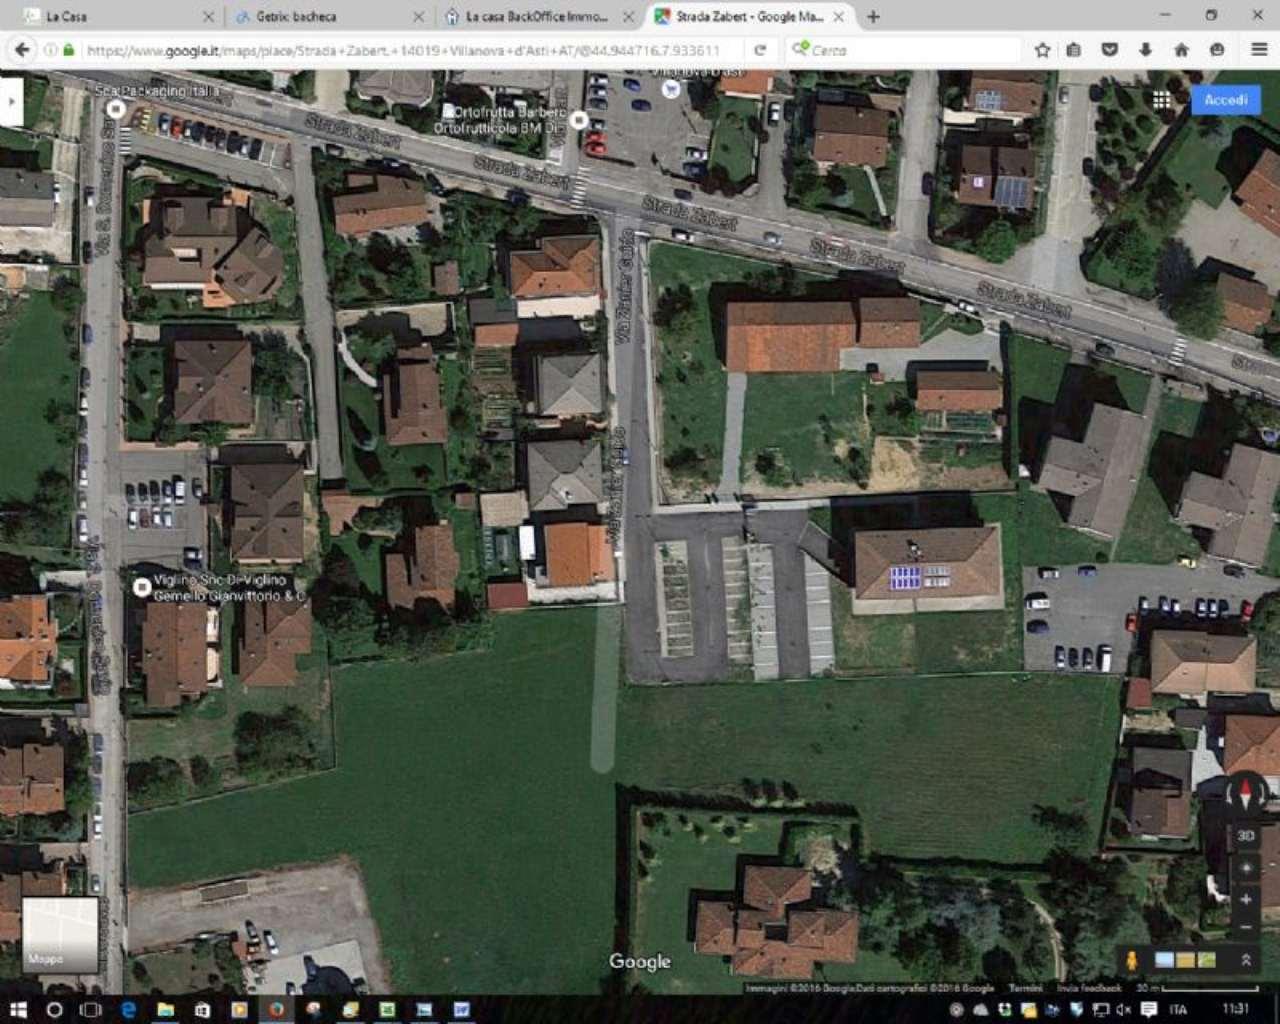 Terreno Edificabile Residenziale in vendita a Villanova d'Asti, 9999 locali, prezzo € 285.000 | Cambio Casa.it